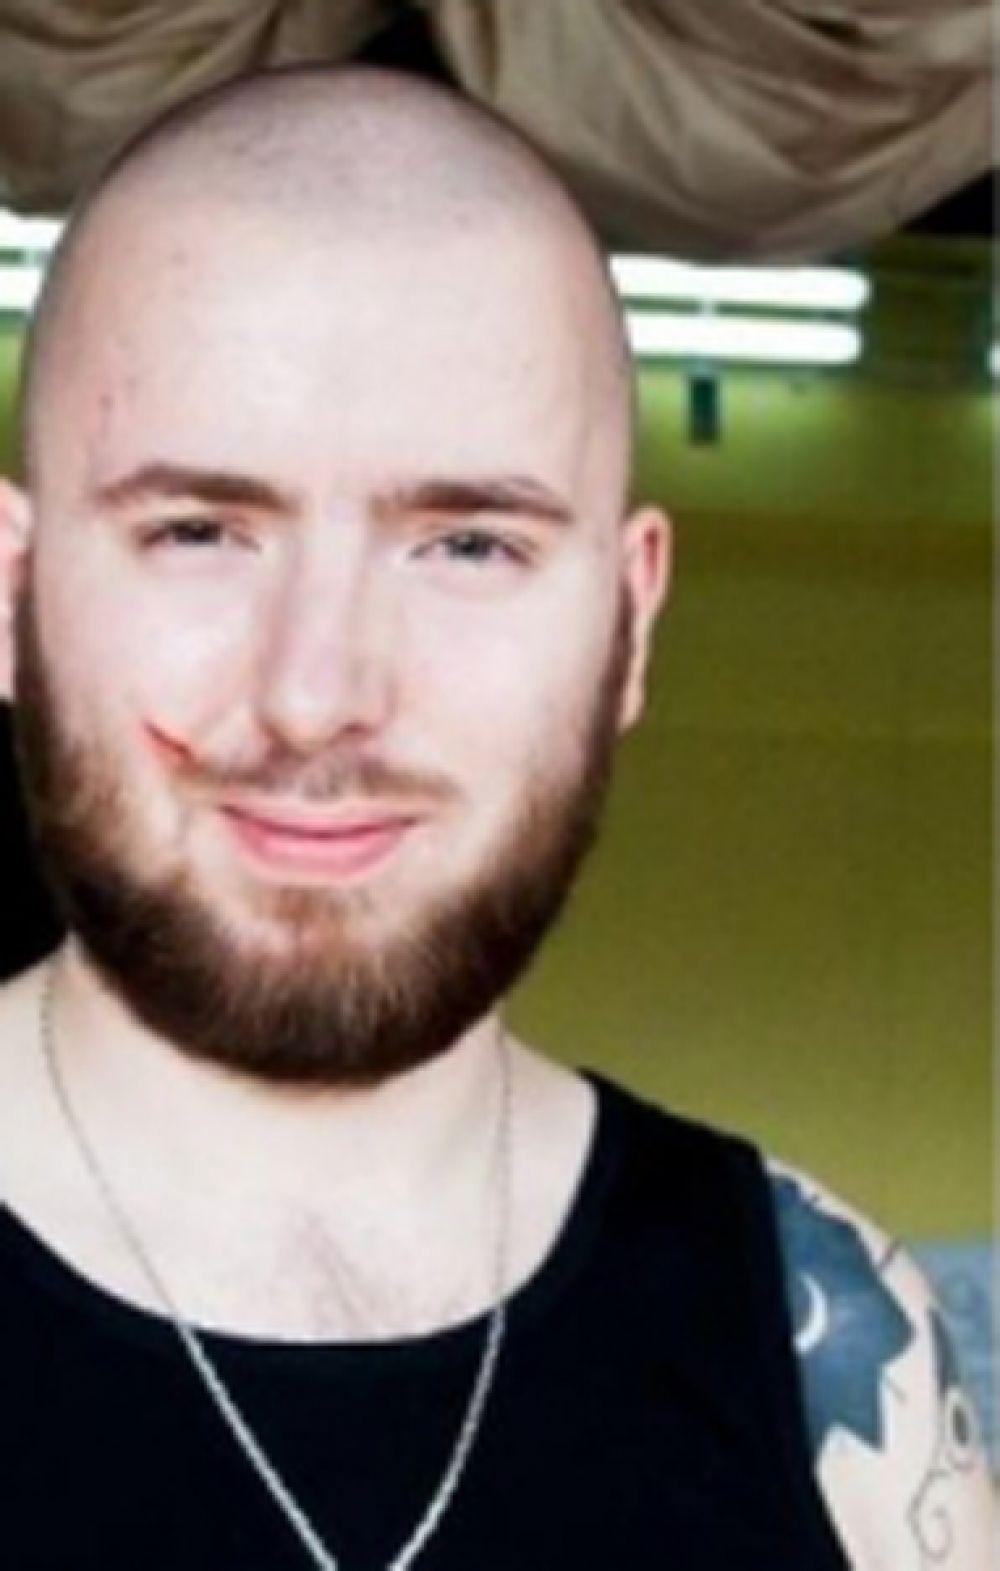 Семен Ермолинский, 1987 года рождения. Уроженца Санкт-Петербурга ищут уже шесть лет. С 2006 по 2014 год он входил в состав преступной группировки, на счету которой убийства, изнасилования, грабежи и разбой. Члены банды называли себя «чистильщиками», в 2012 году многих из них арестовали, однако, Ермолинский остается на свободе.